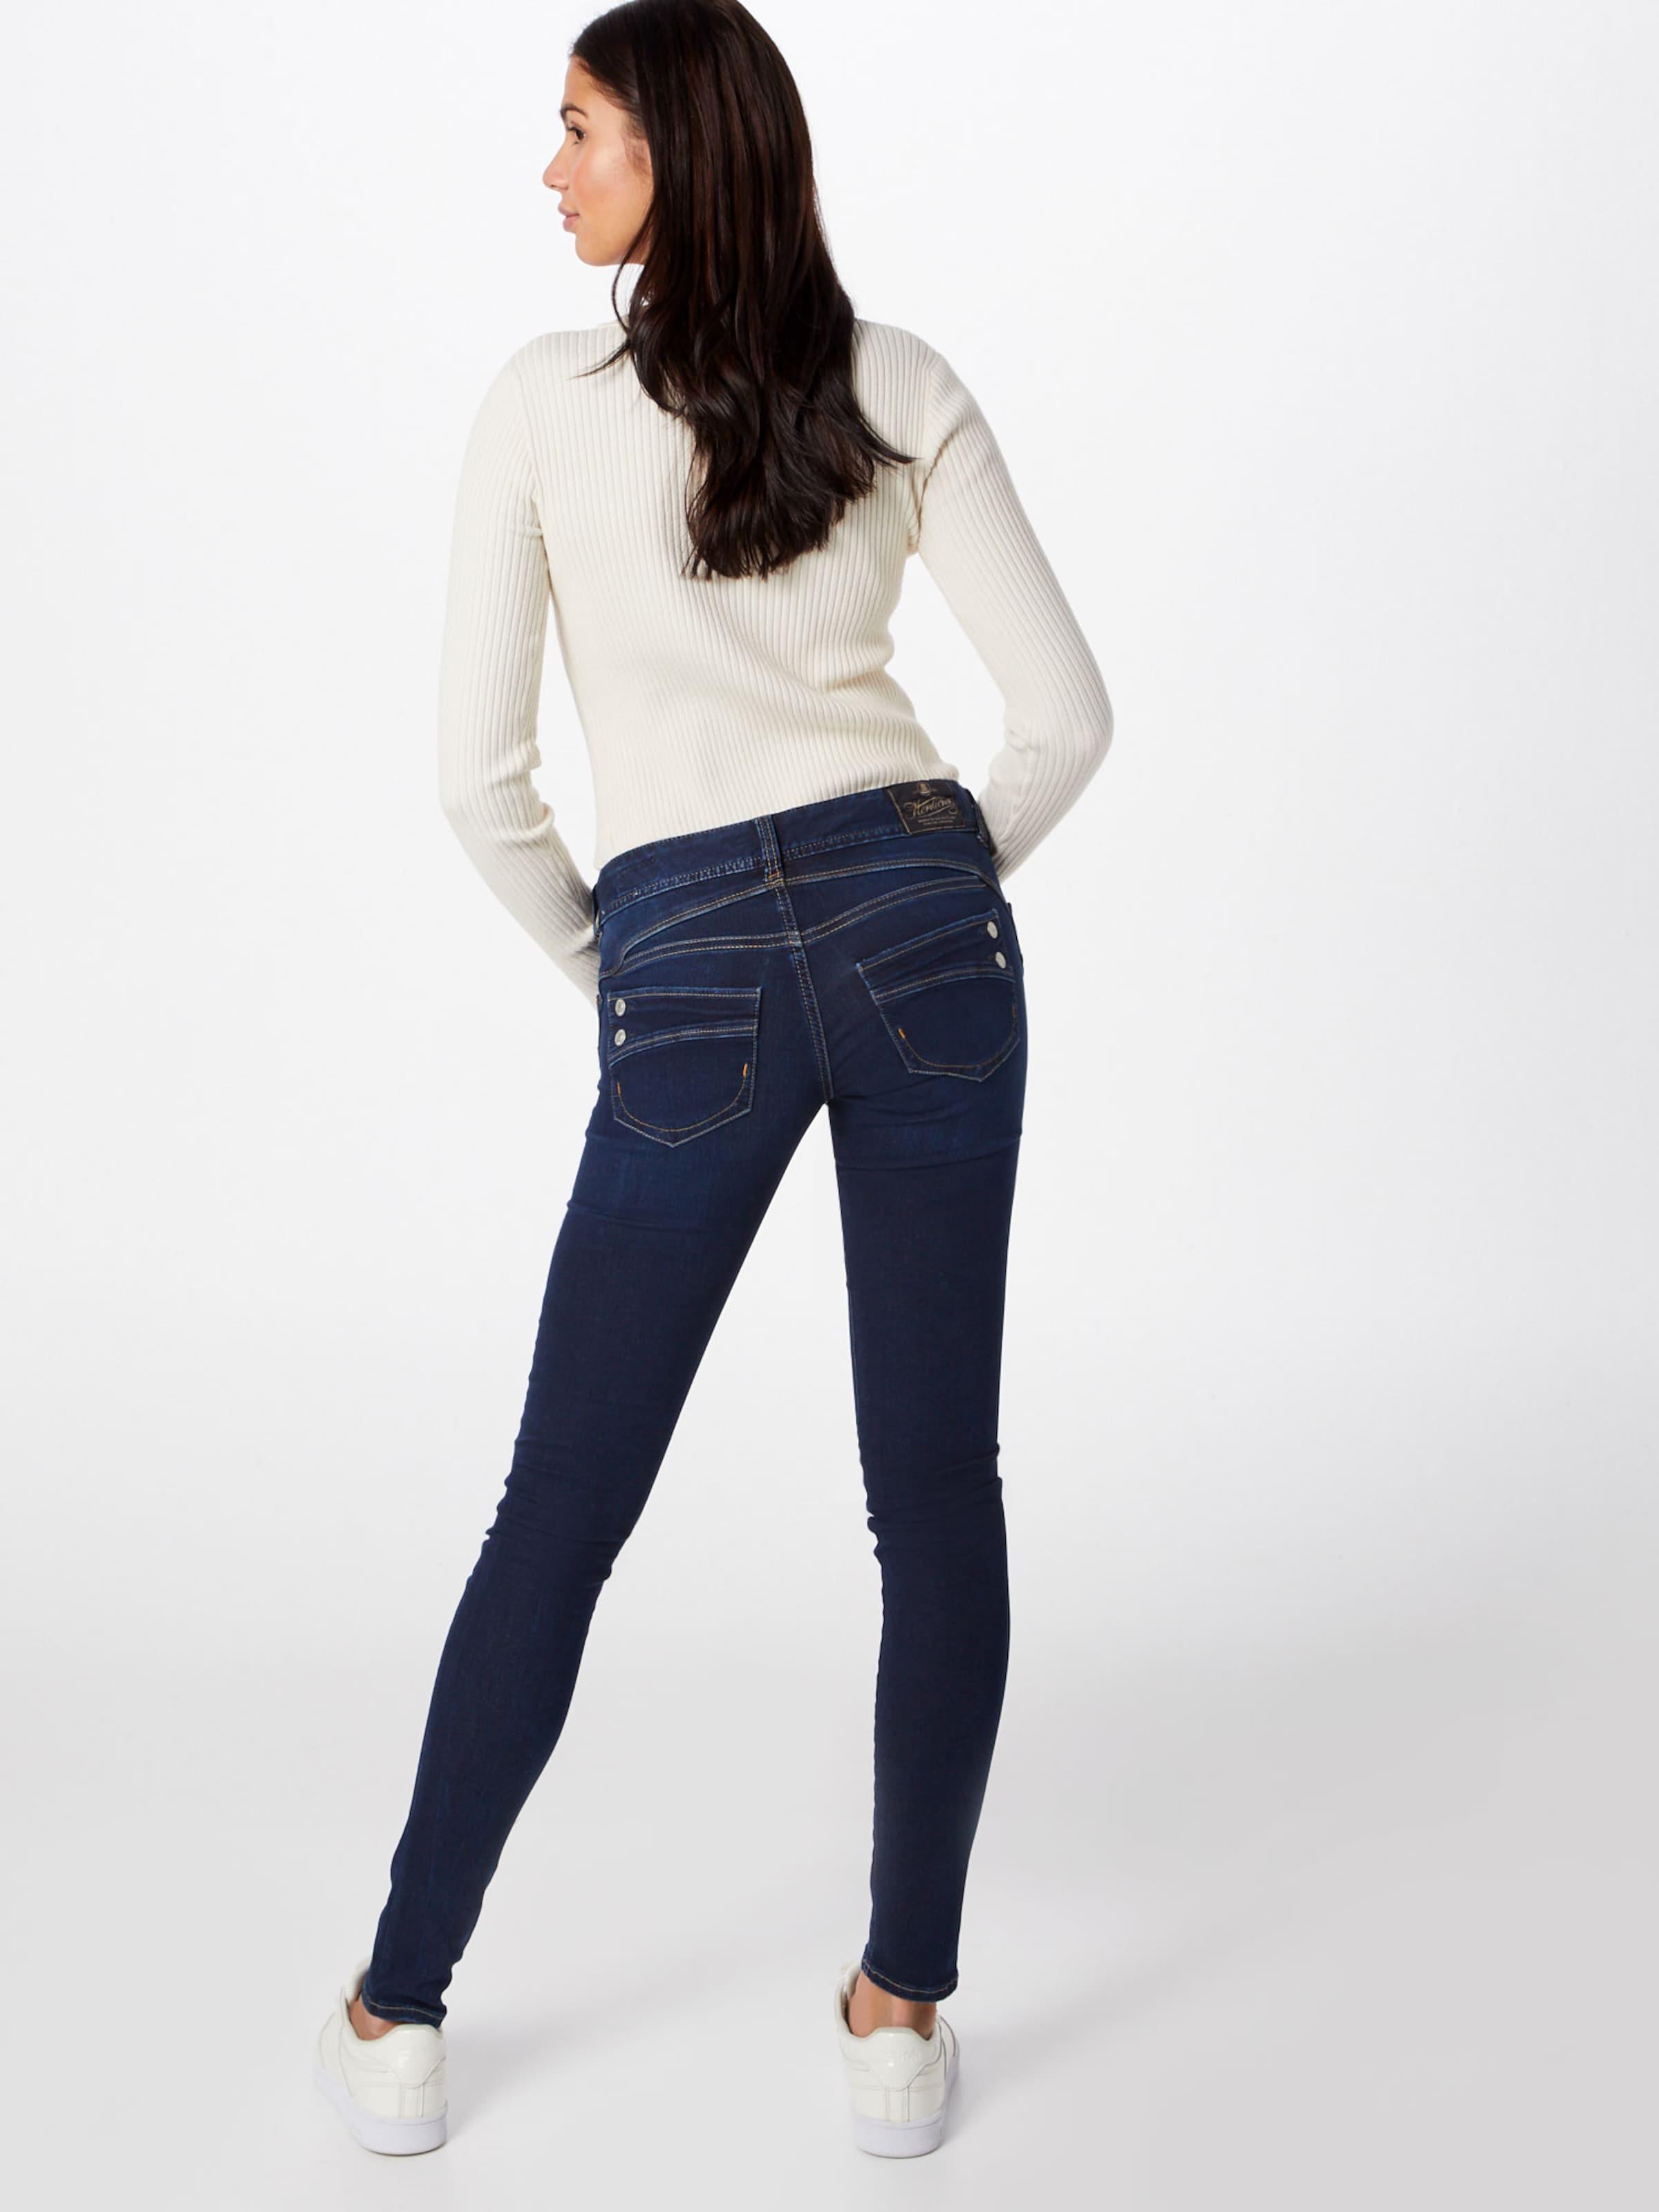 Jeans Herrlicher 'piper' In In 'piper' Herrlicher Herrlicher Donkerblauw Donkerblauw Jeans K1lF3TJc